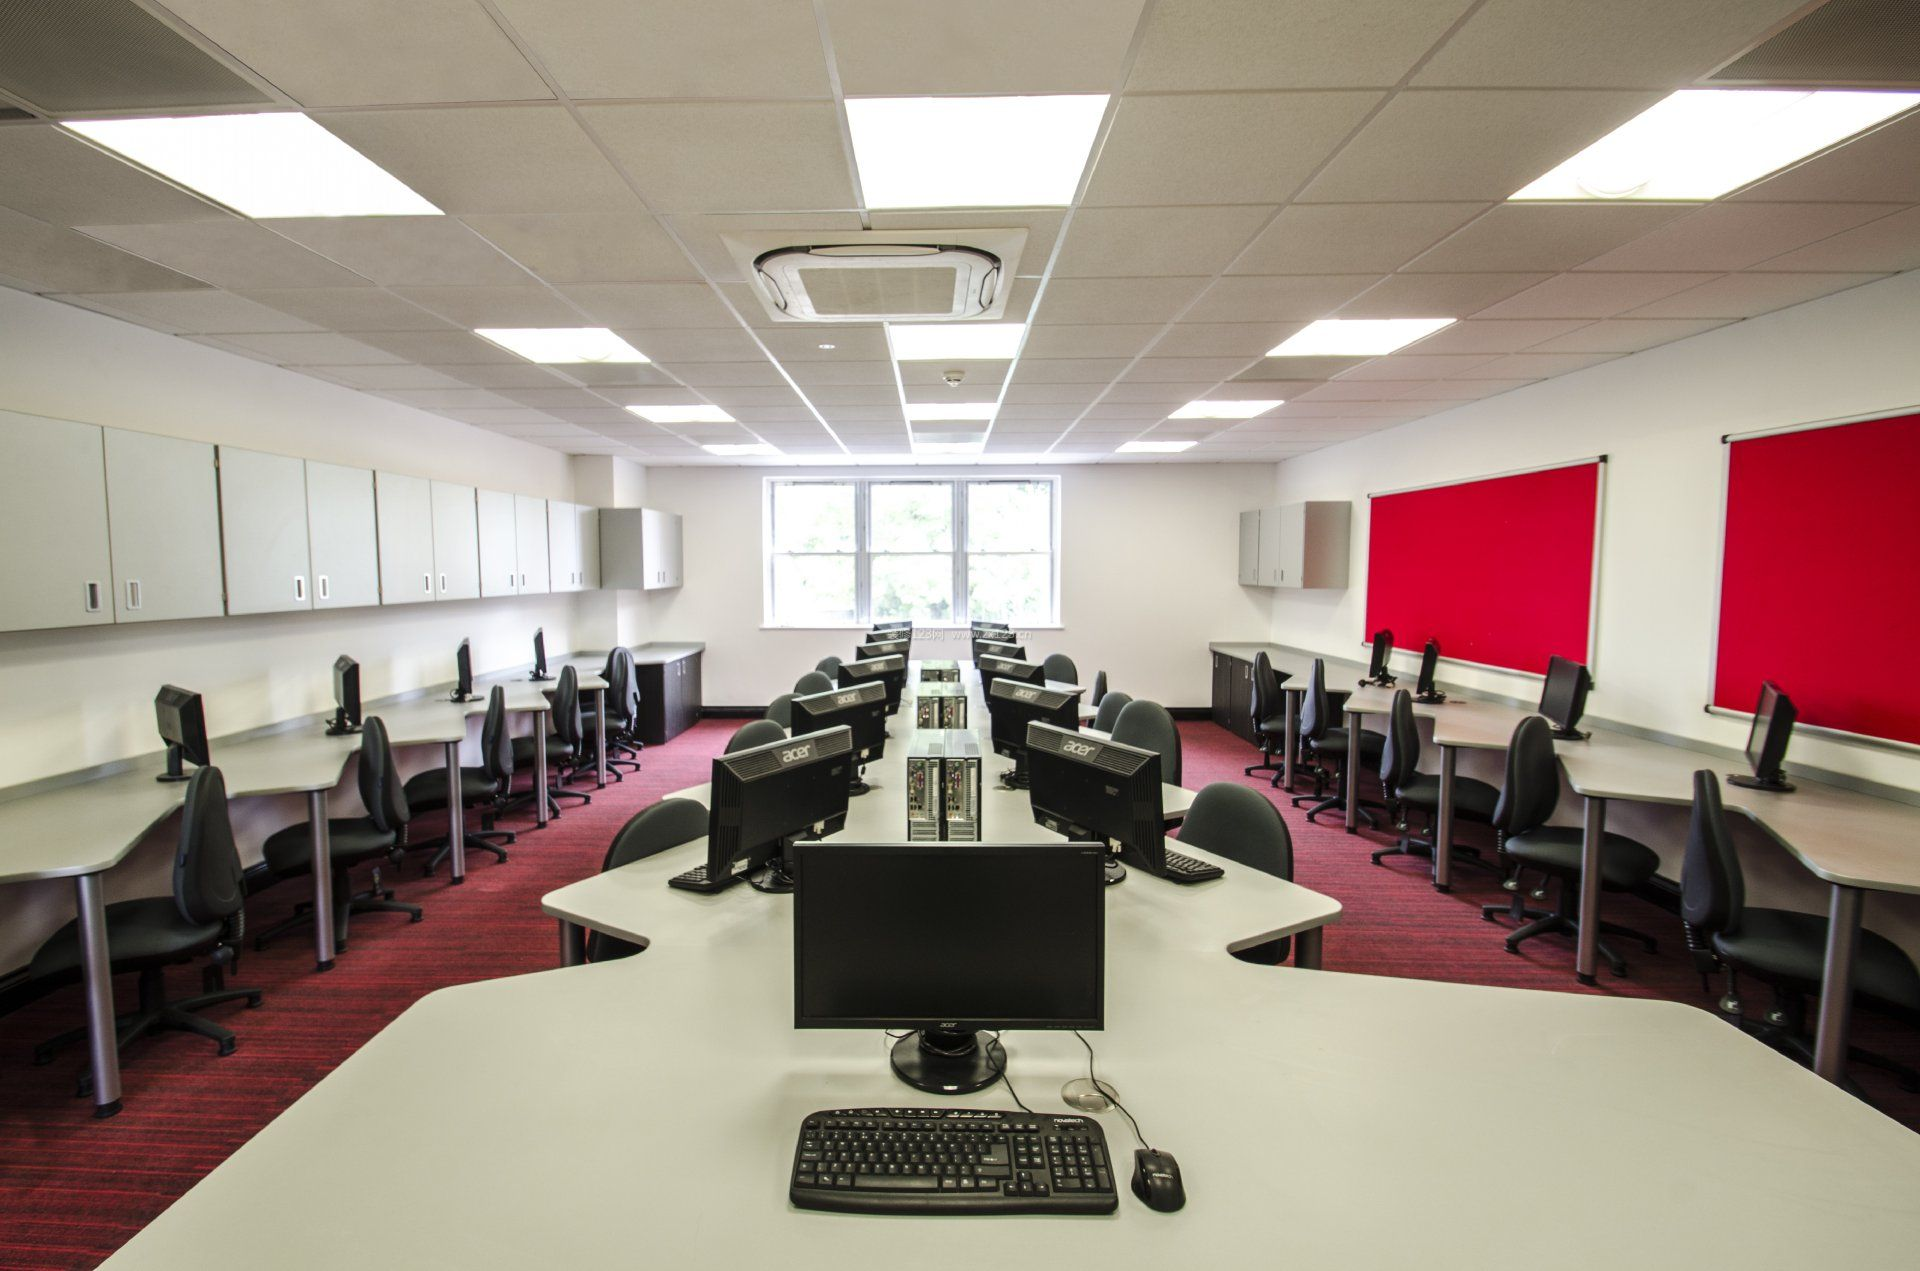 工装效果图 室内 培训学校室内集成吊顶灯装修效果图片 提供者